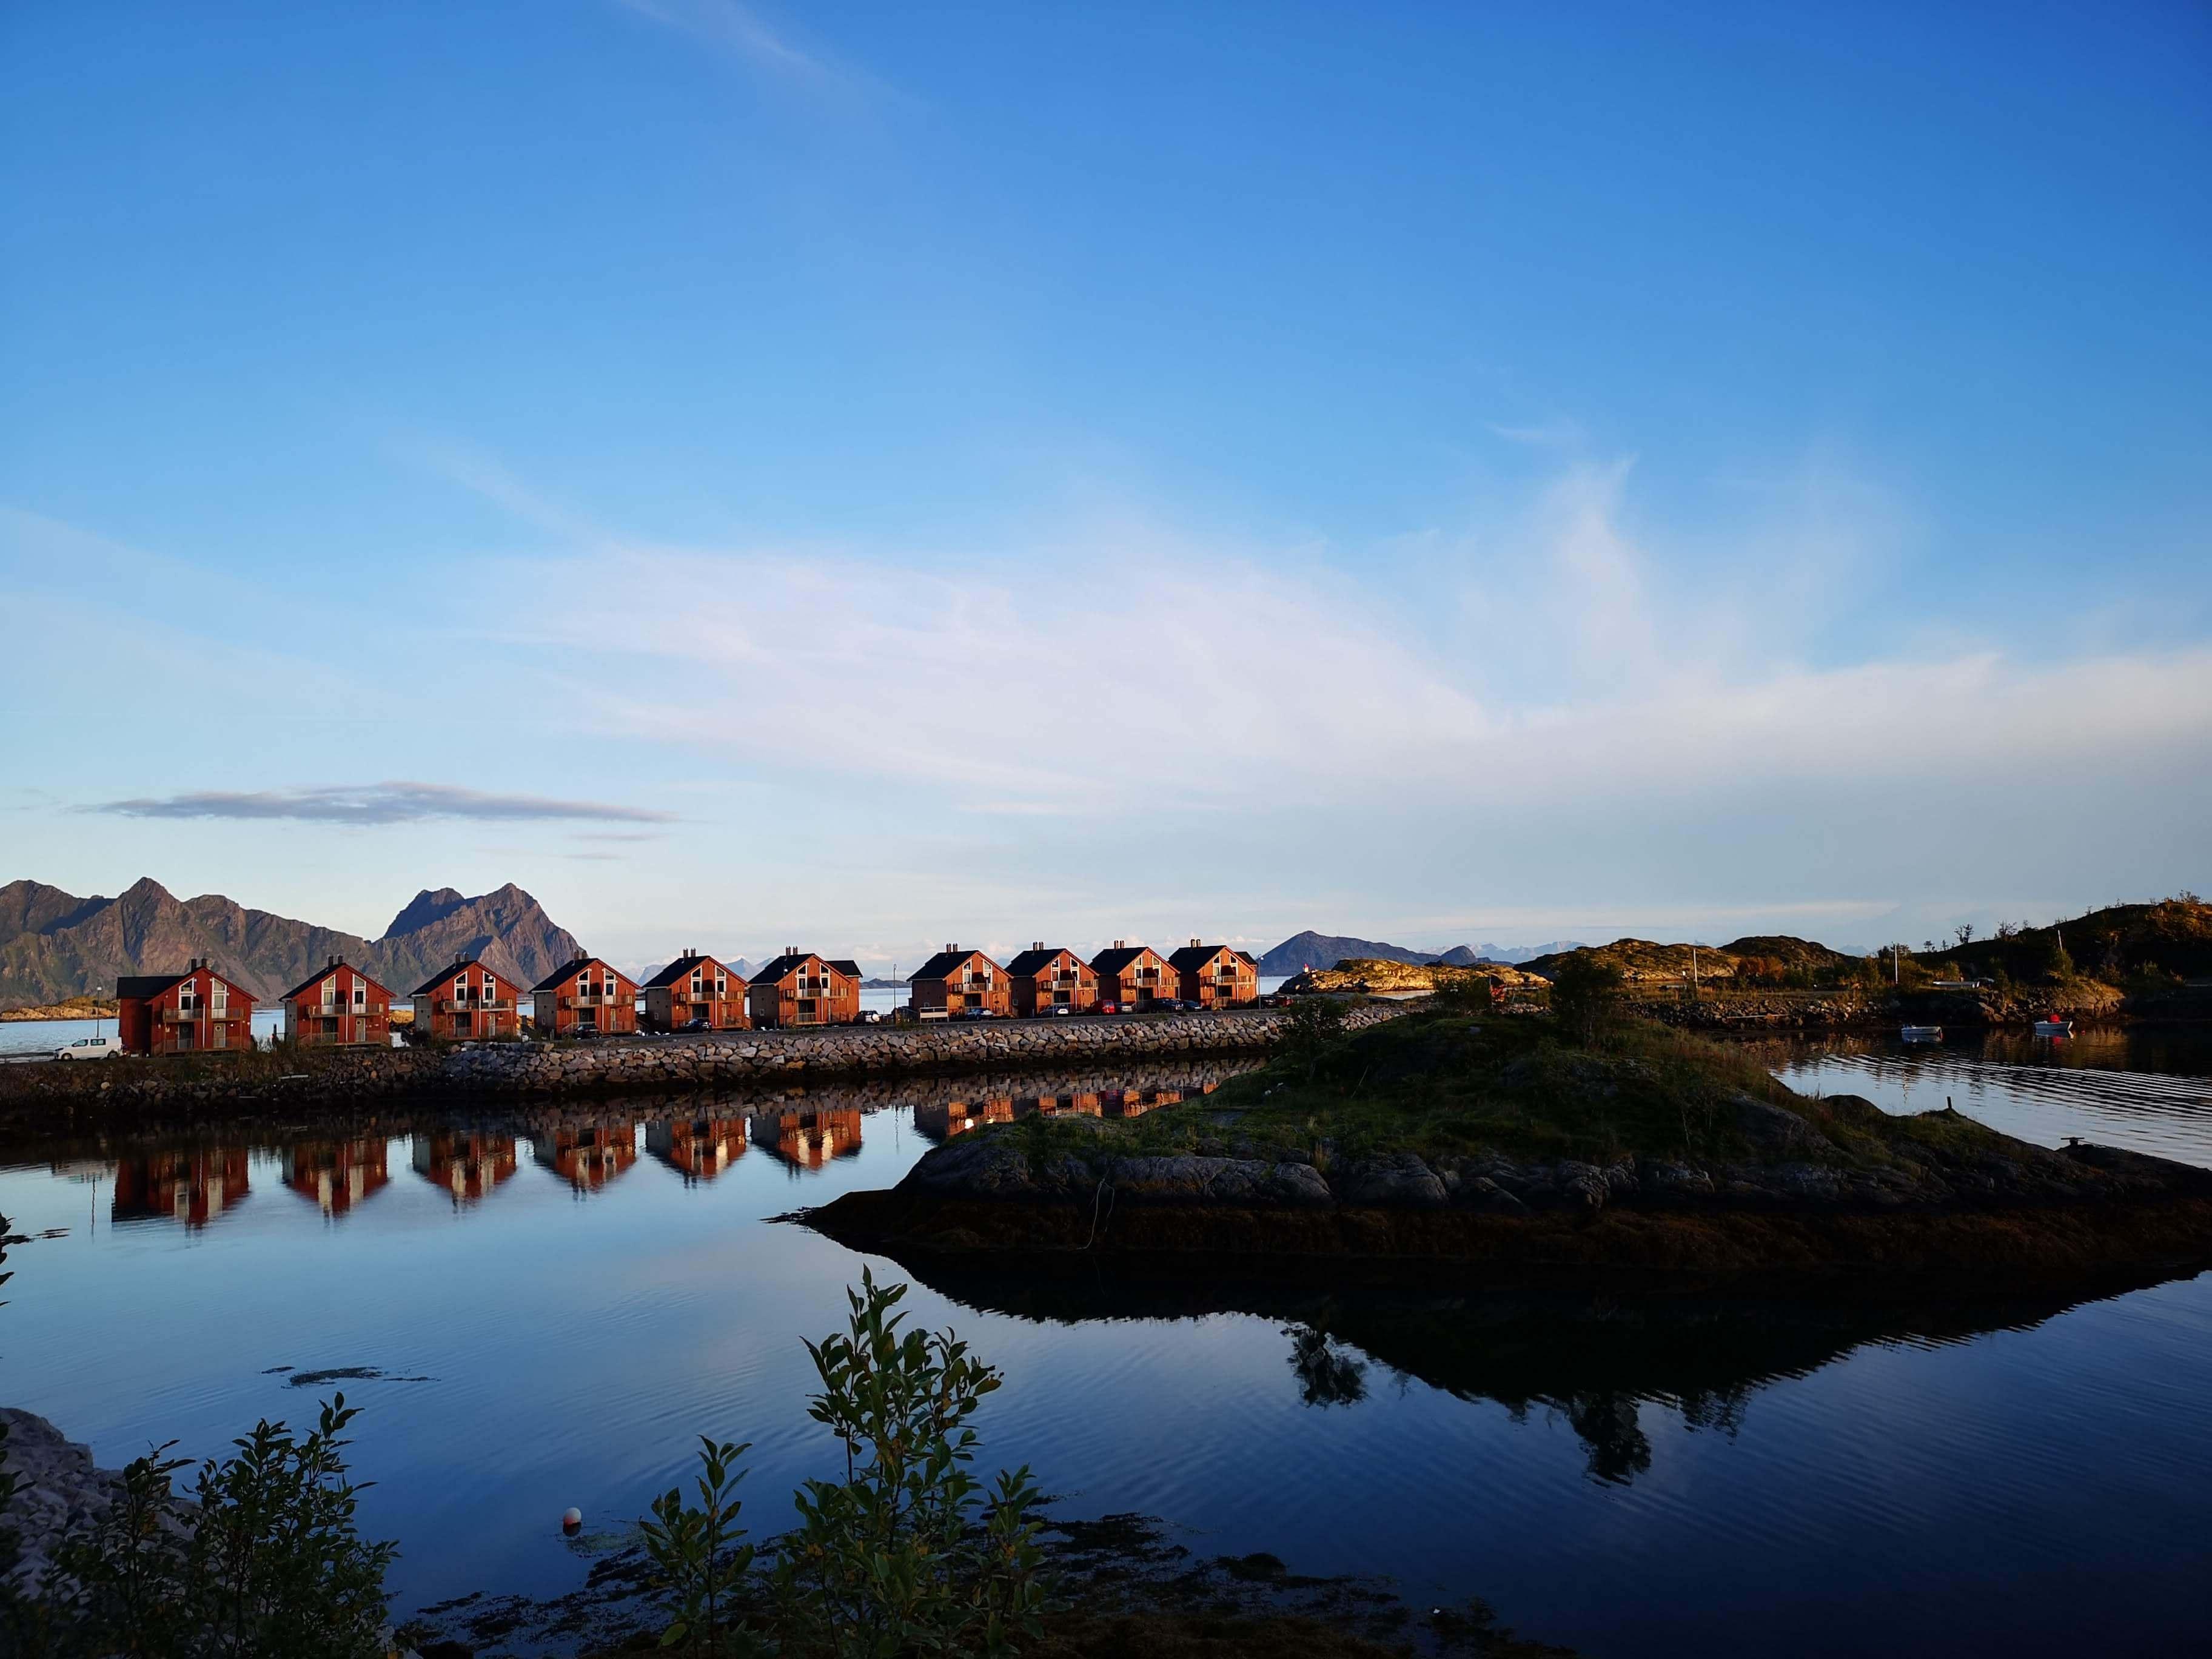 ノルウェーでグローバルWiFiは使えるのか?北極圏に行って試してみた